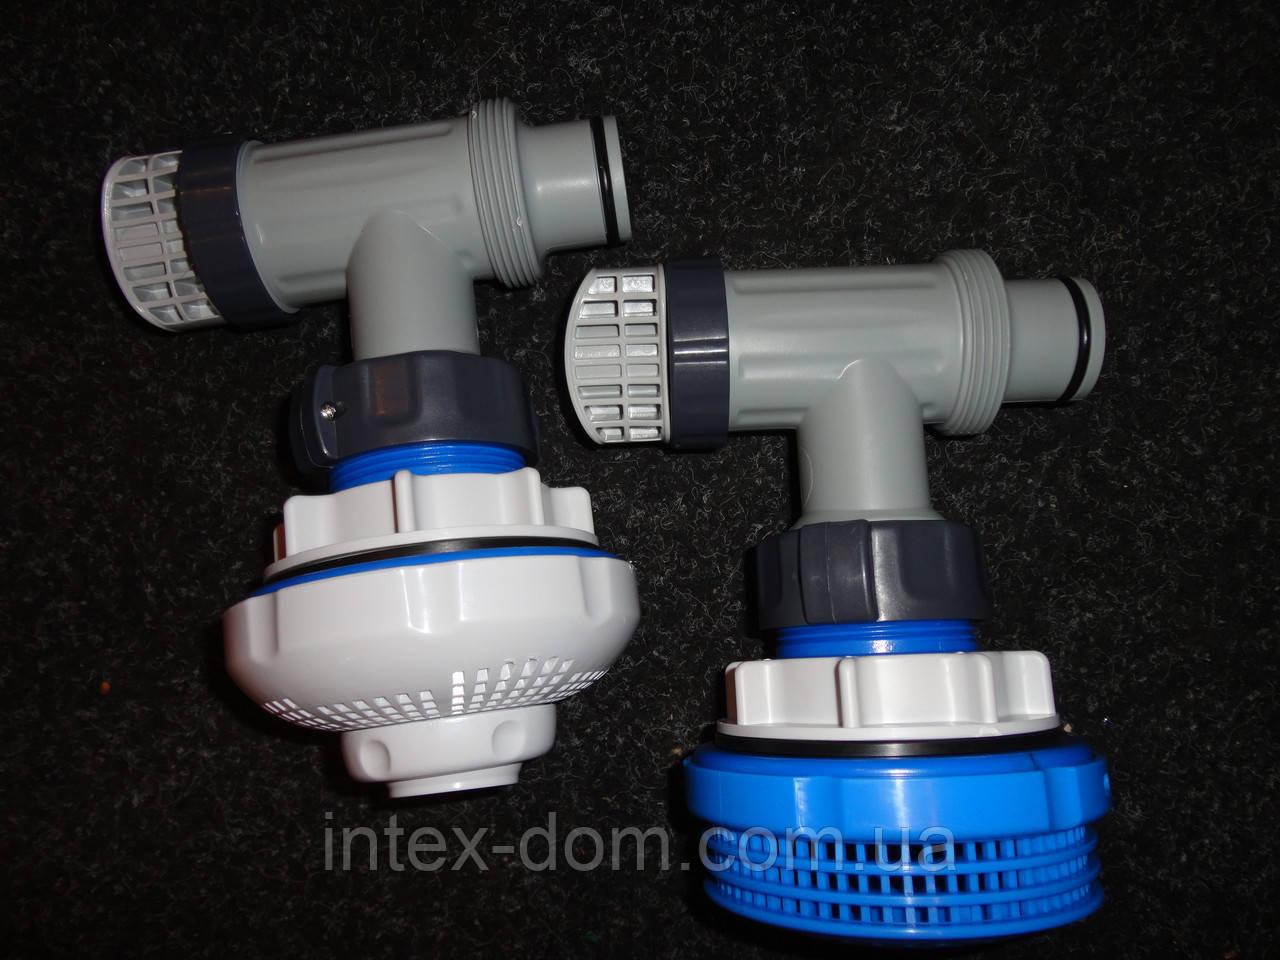 Набор плунжерных кранов для бассейна INTEX 10750